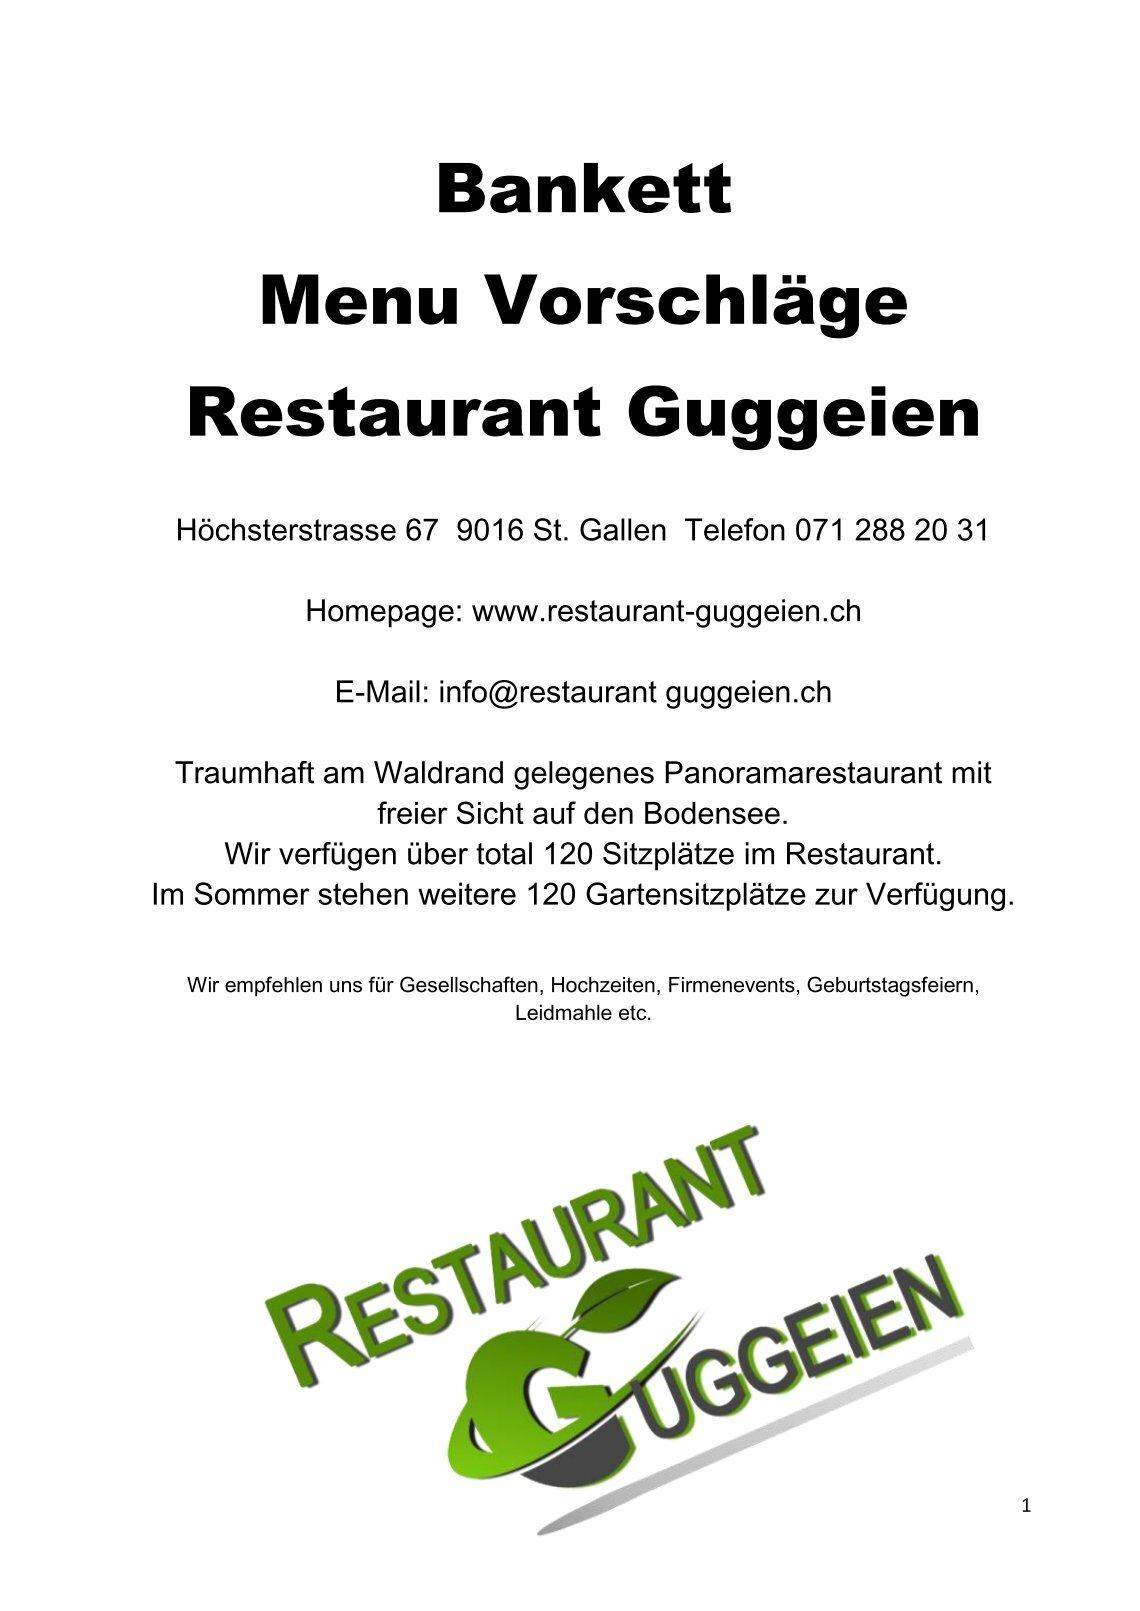 Restaurant.guggeien.ch